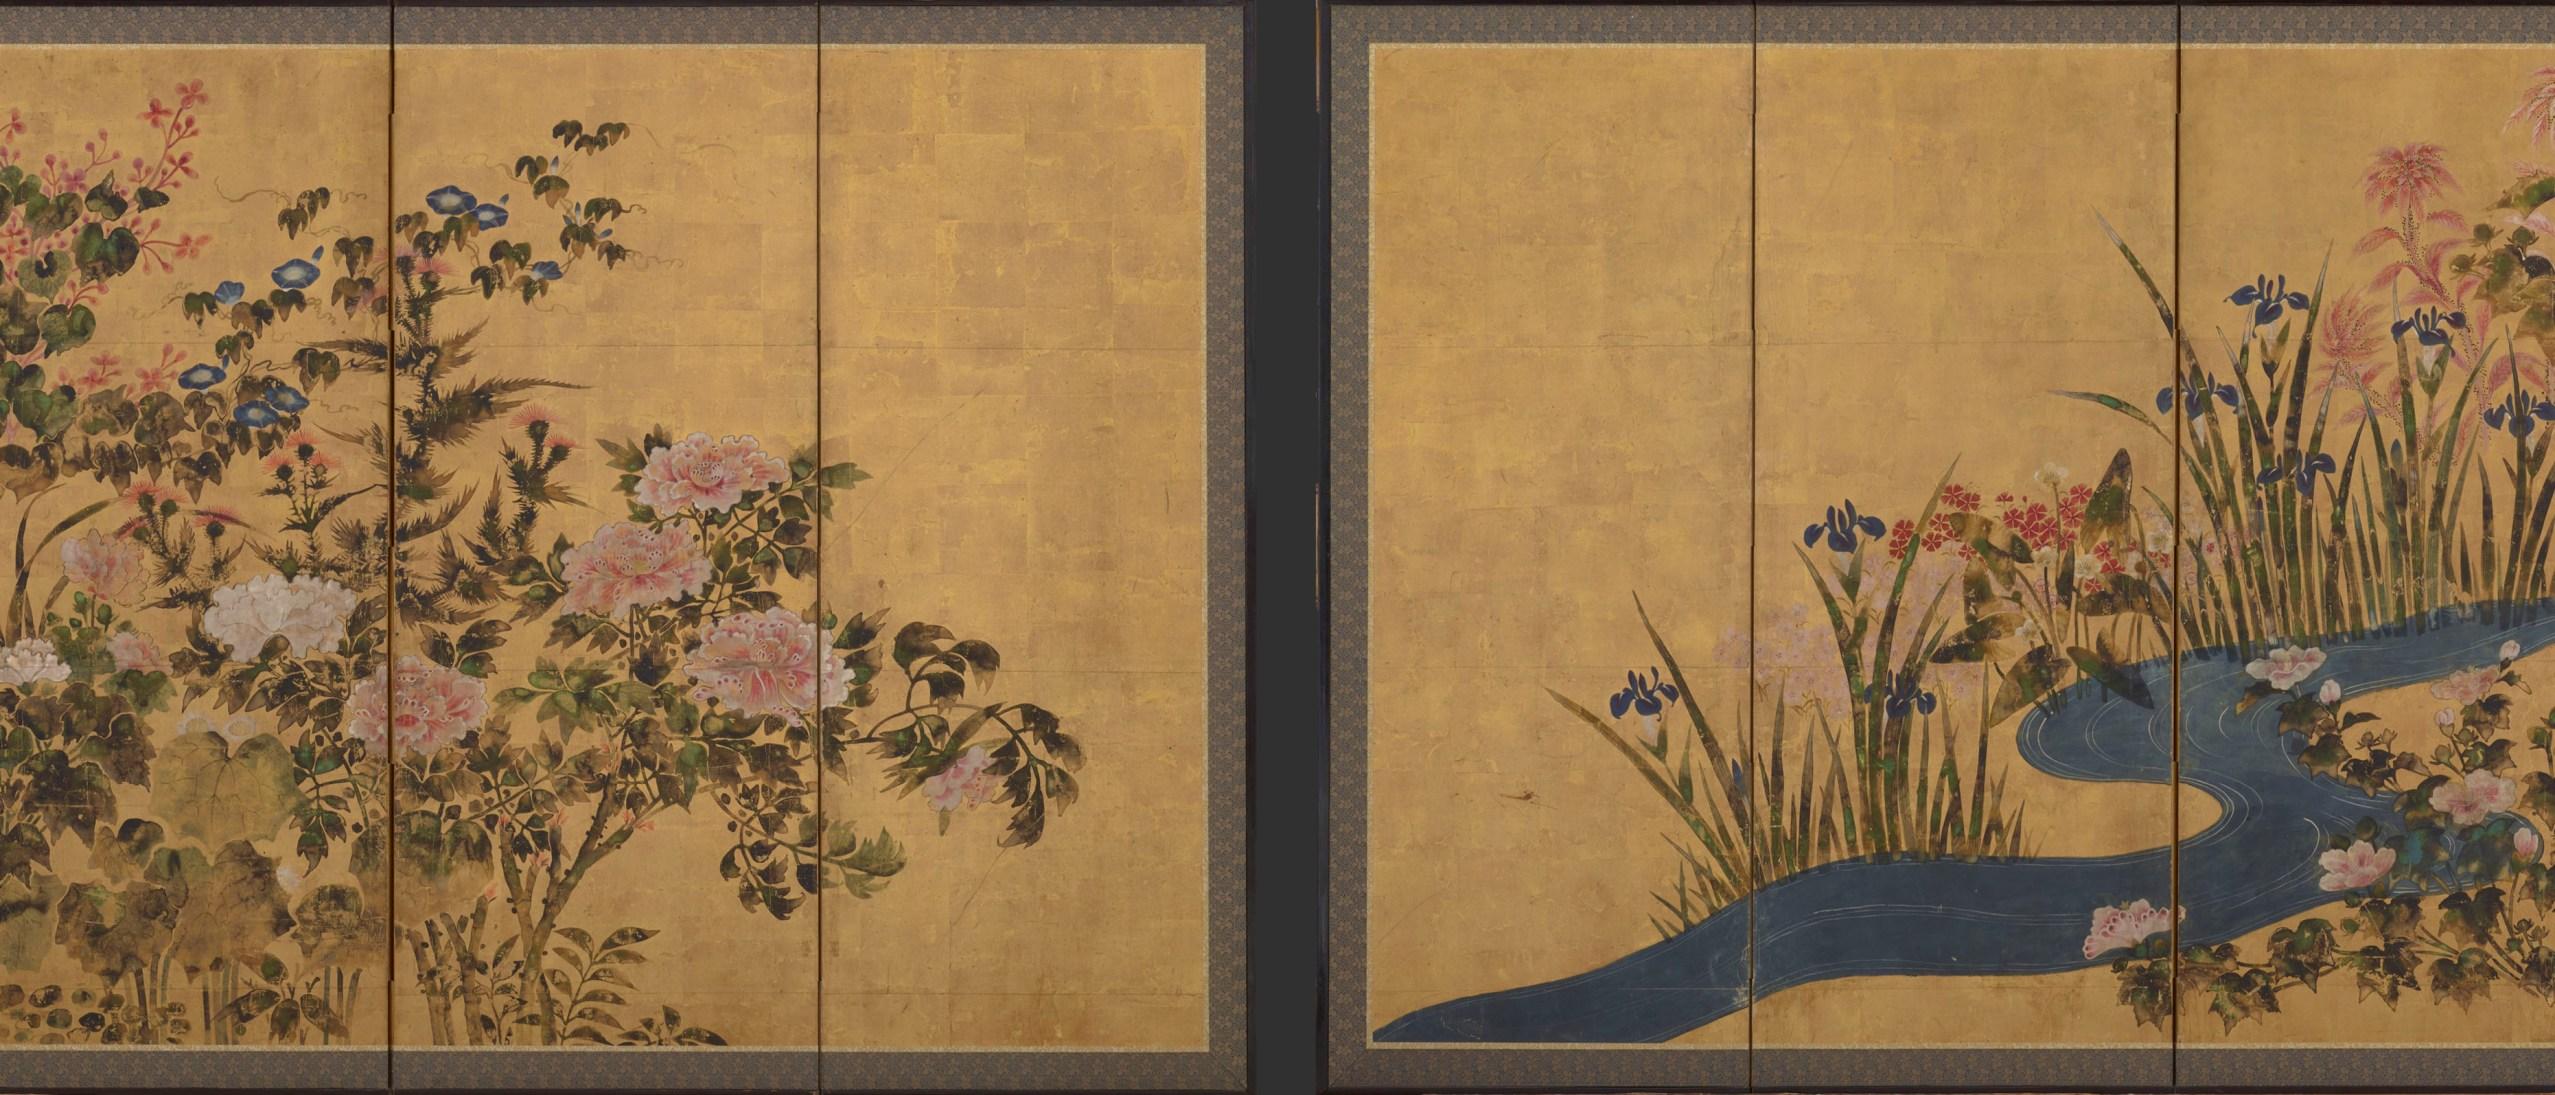 Reiko Kimura: Traditional and Contemporary Music for